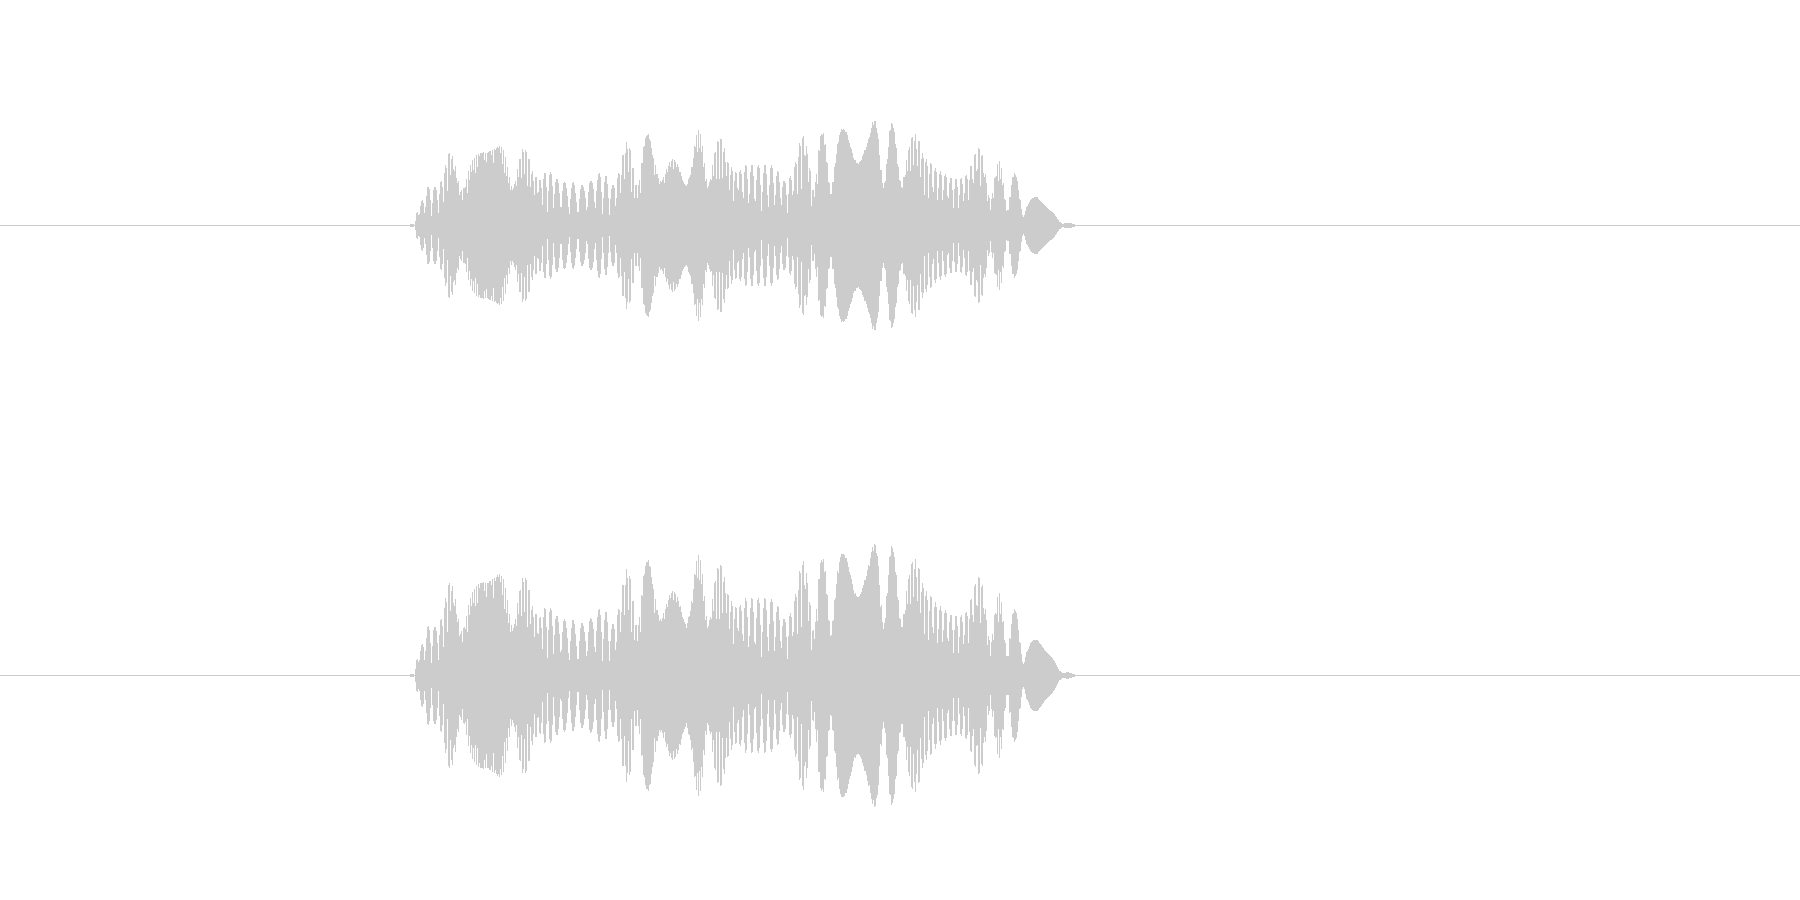 ヒュッヒュッヒュ(不思議なものが動く音)の未再生の波形